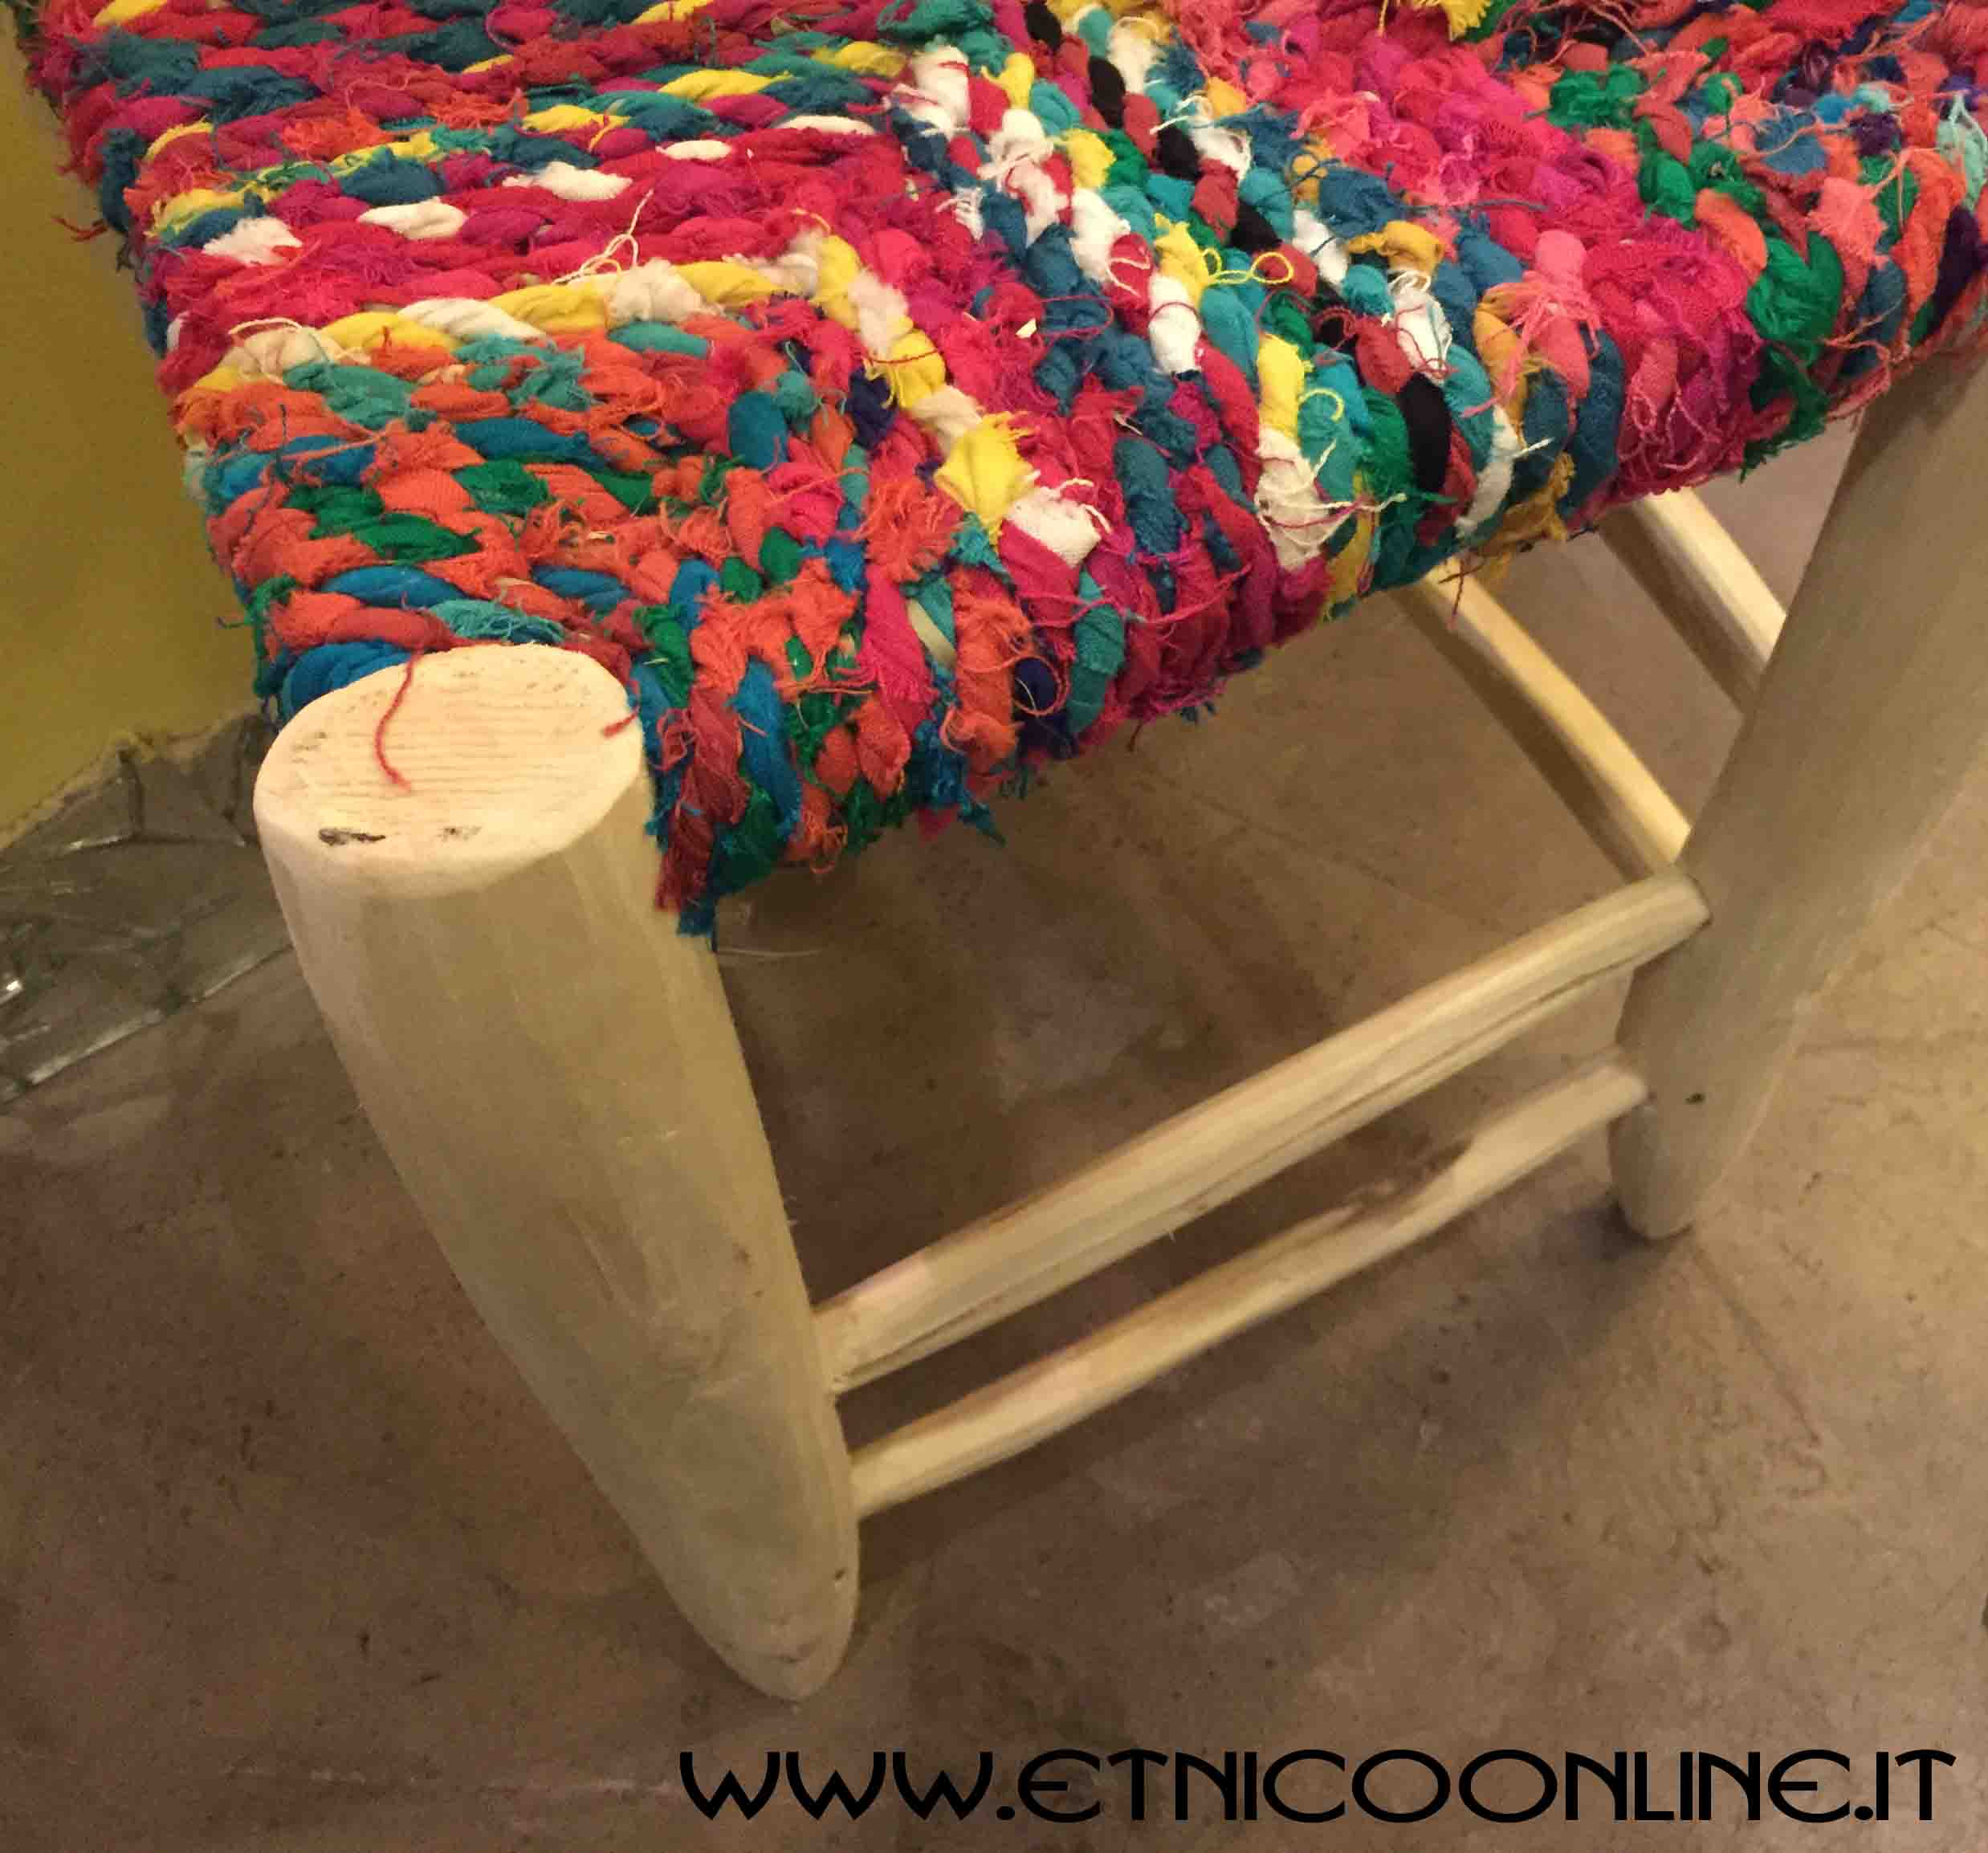 Sgabello colorato mobili e complementi mobili marocchini in legno di artigianato vulcano - Mobili marocchini ...